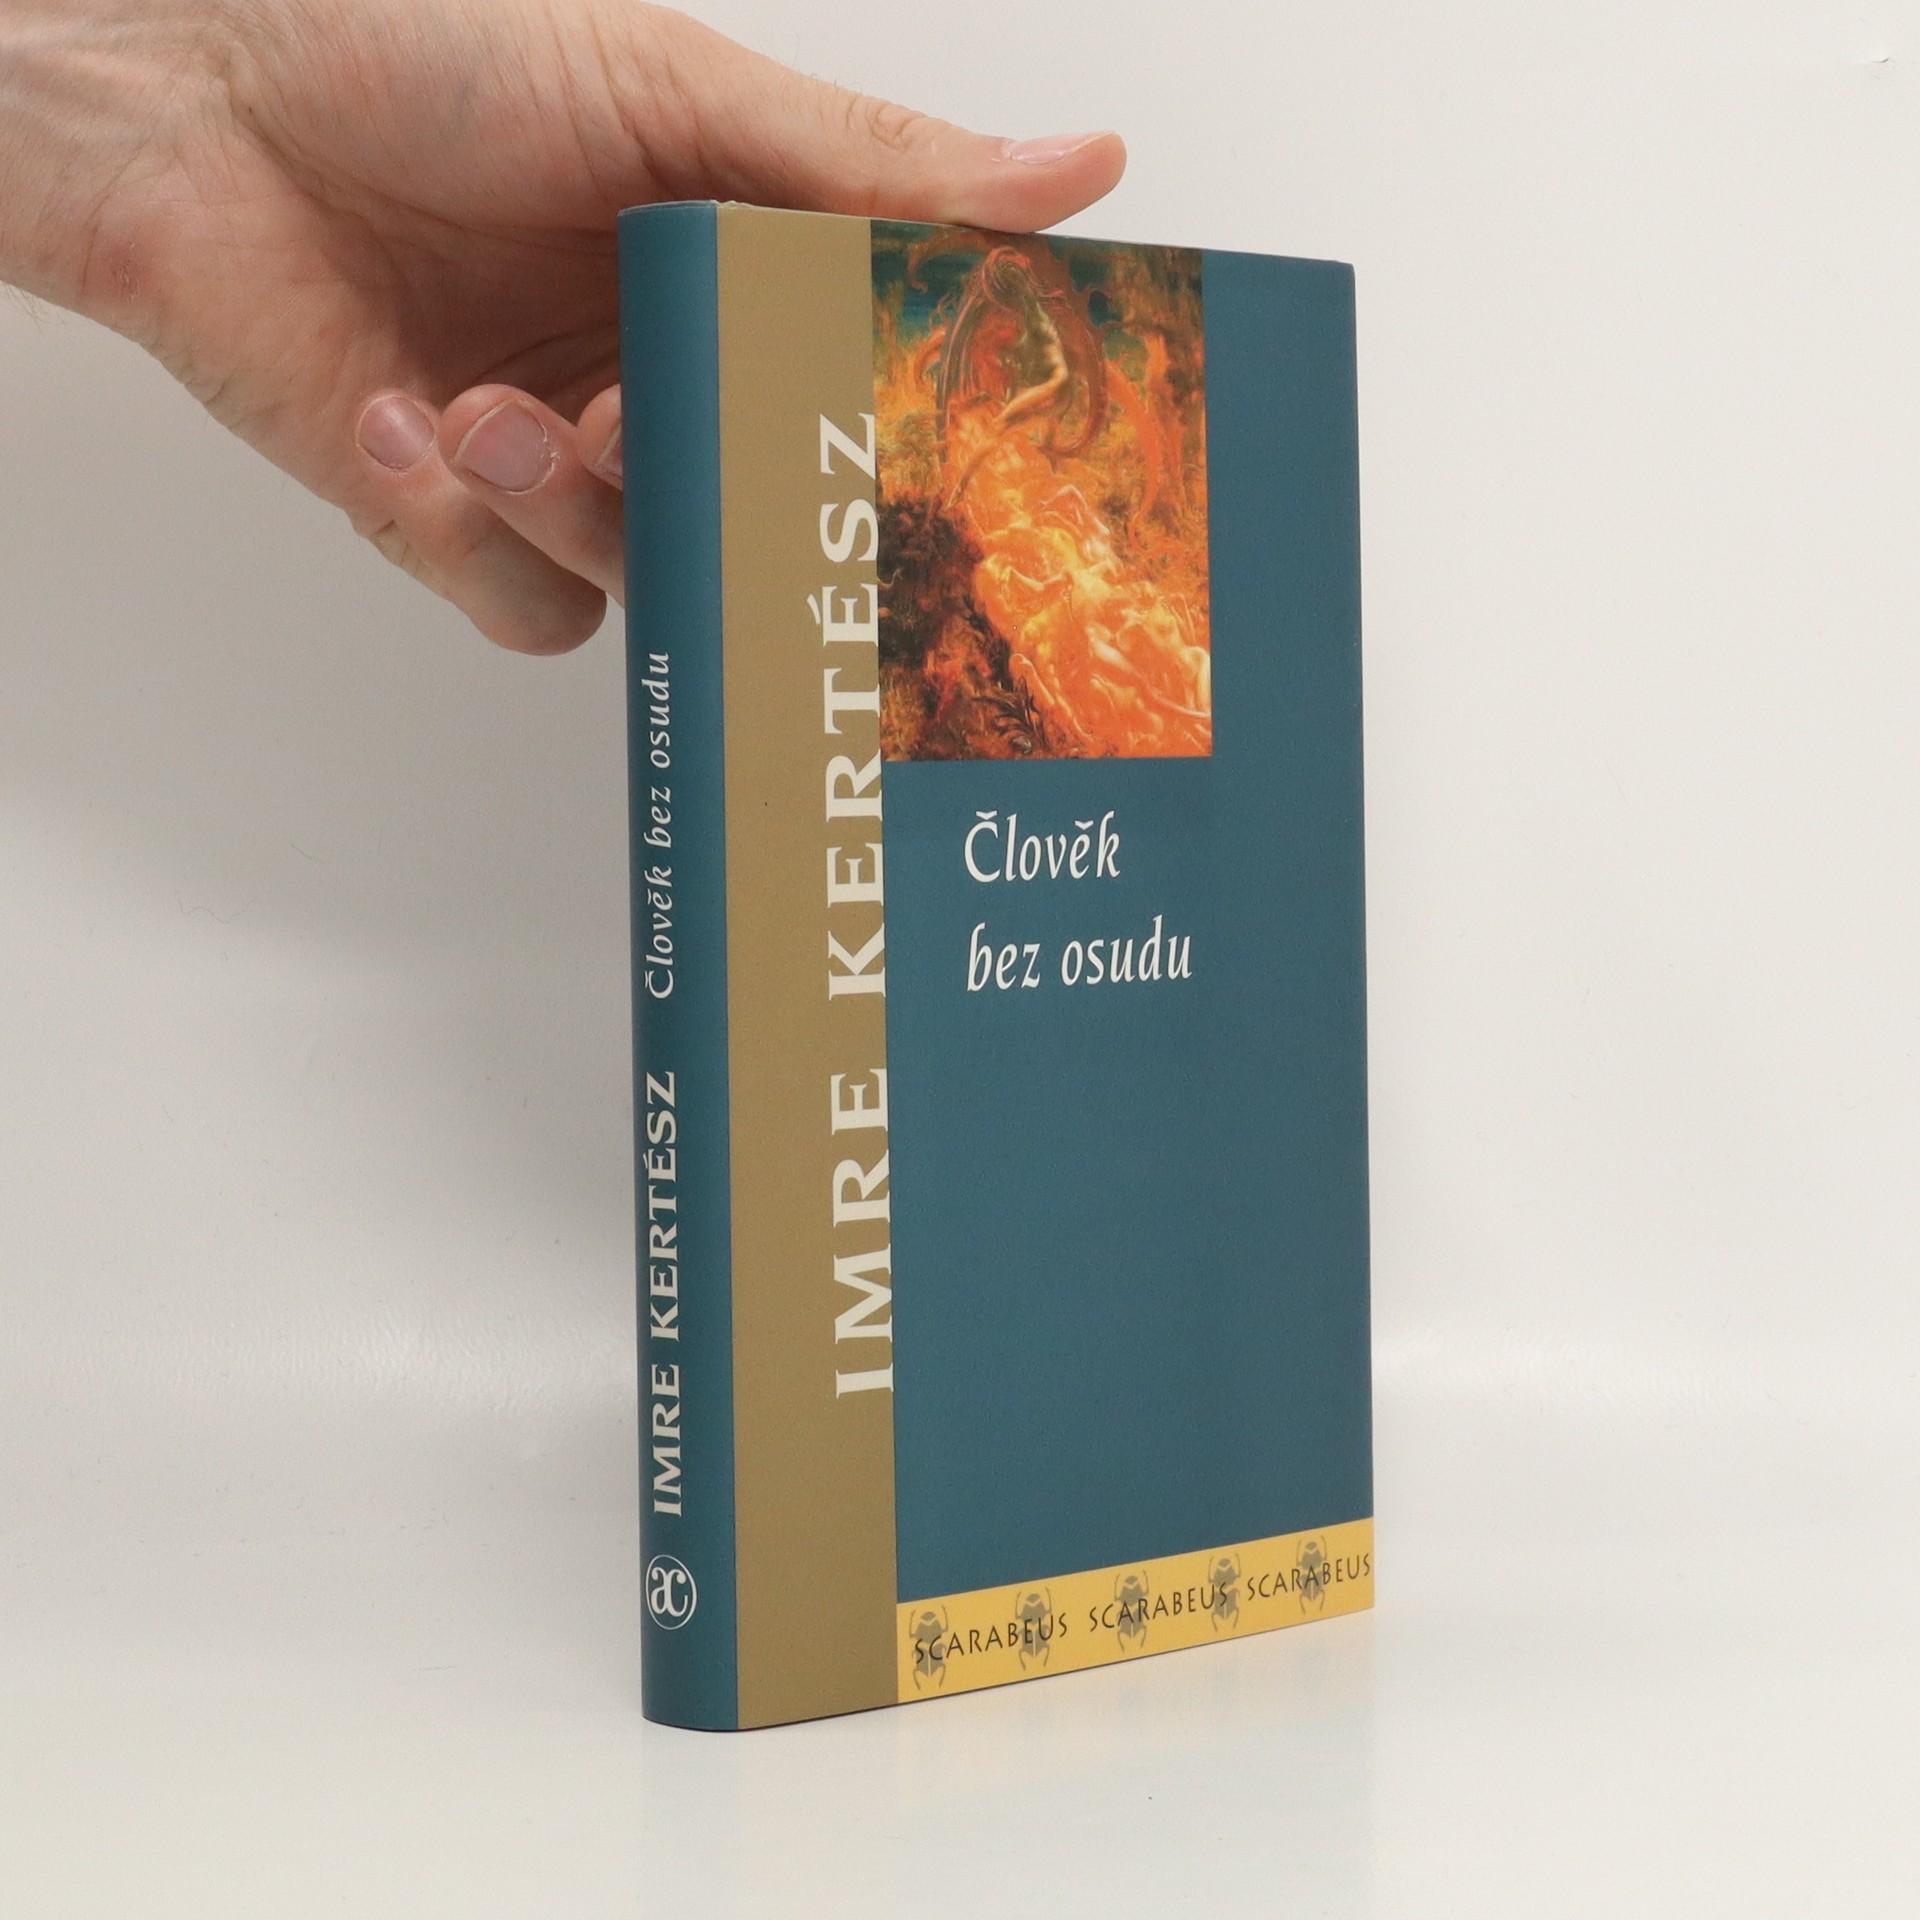 antikvární kniha Člověk bez osudu, 1993